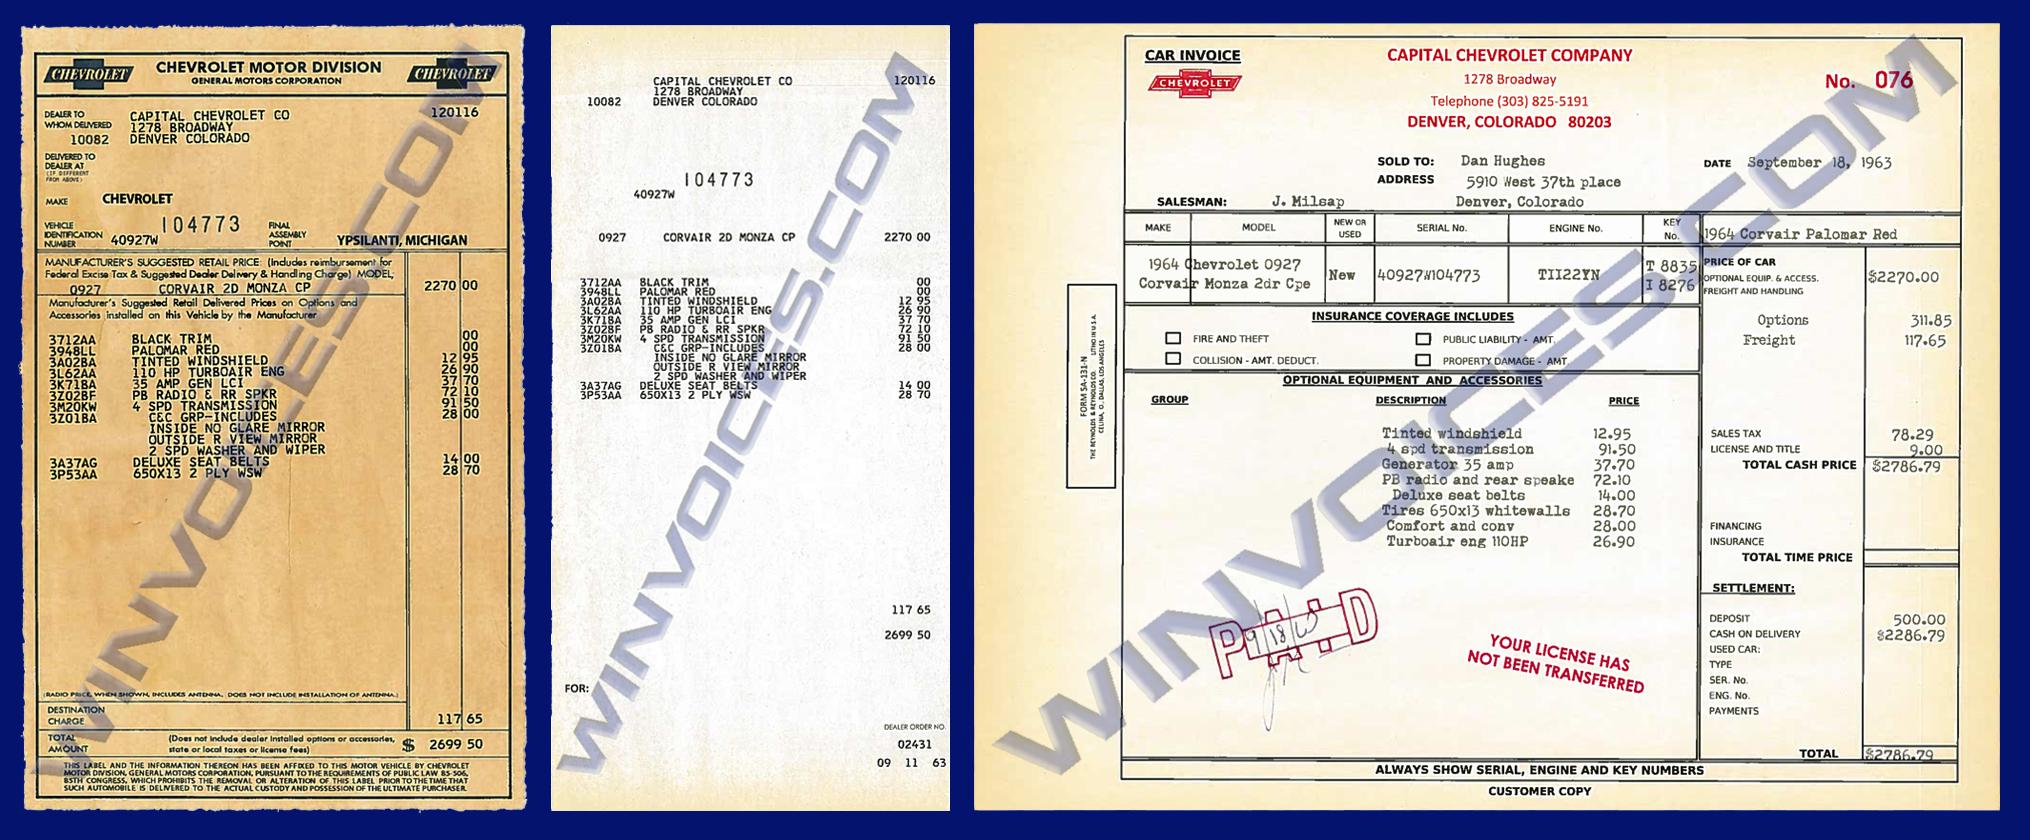 Samples - Gm dealer invoice price